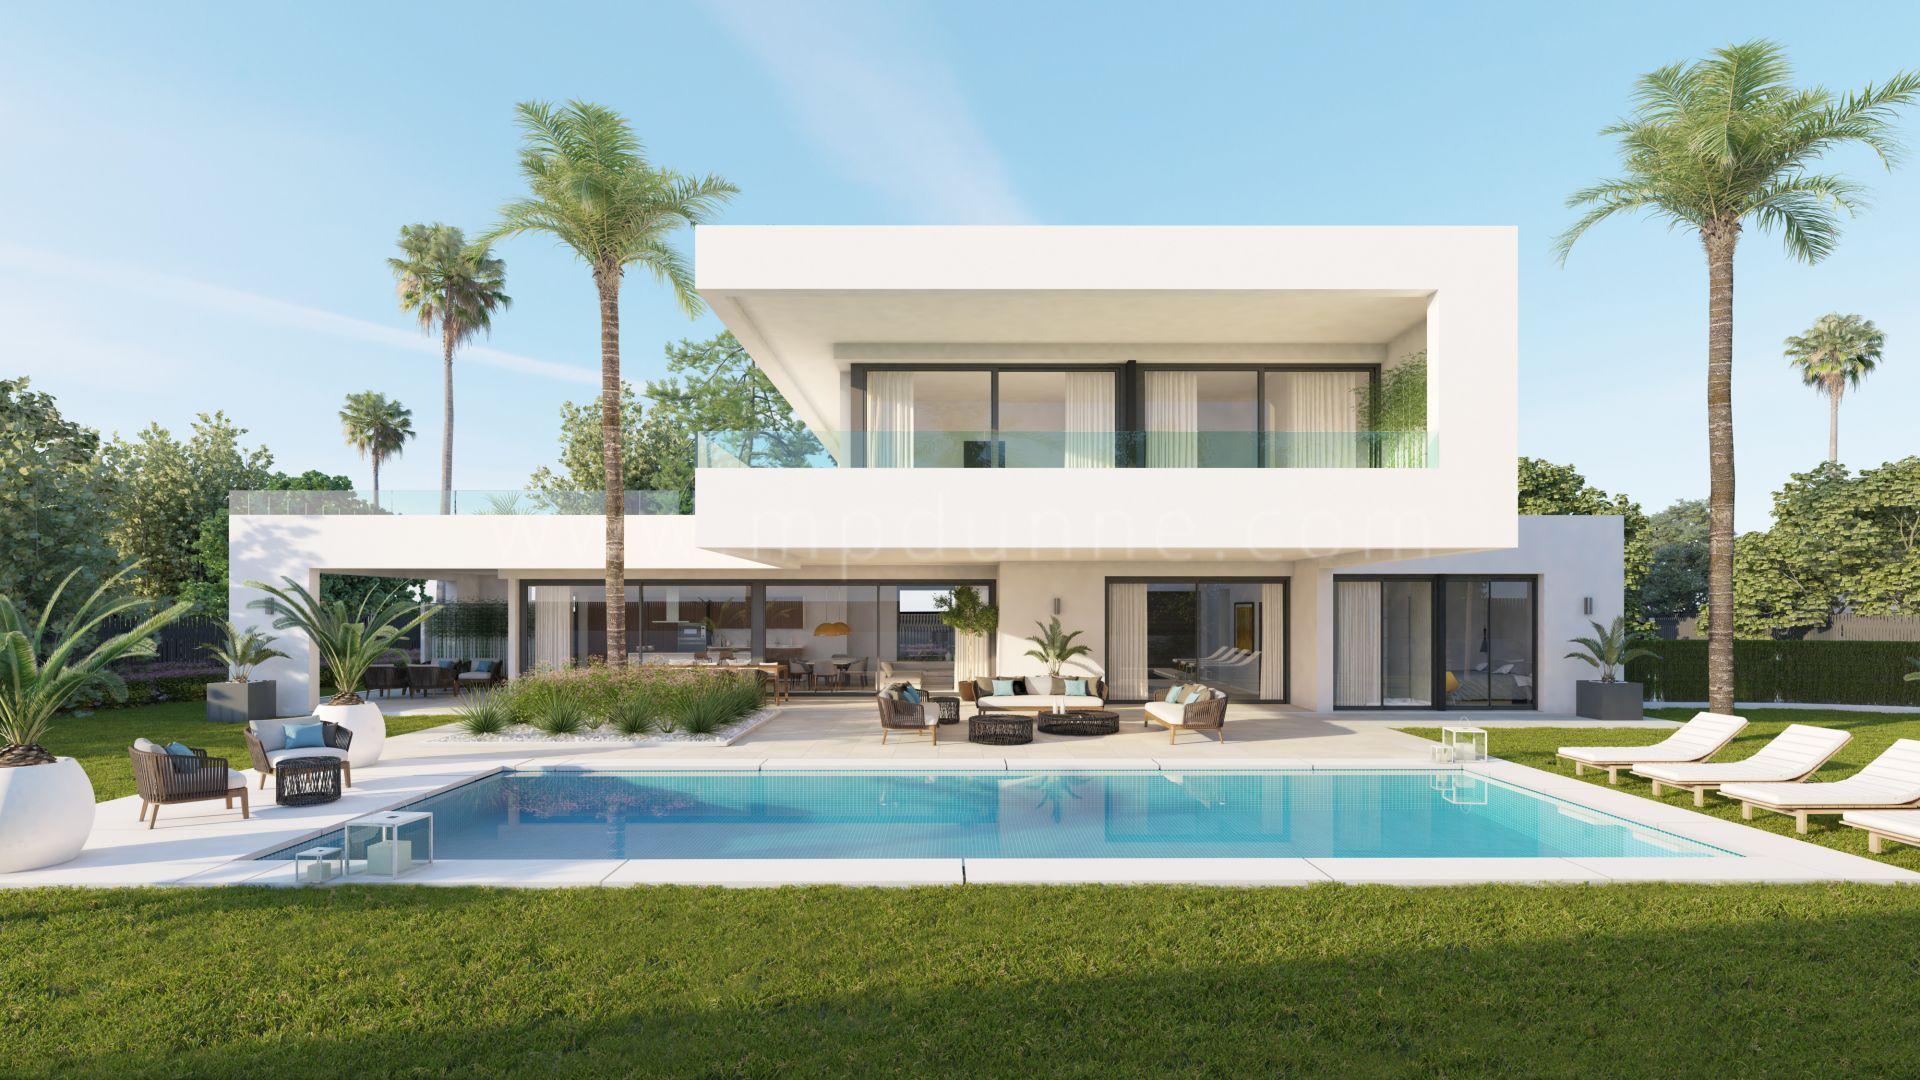 Villa for sale in los olivos nueva andalucia 2 295 000 €